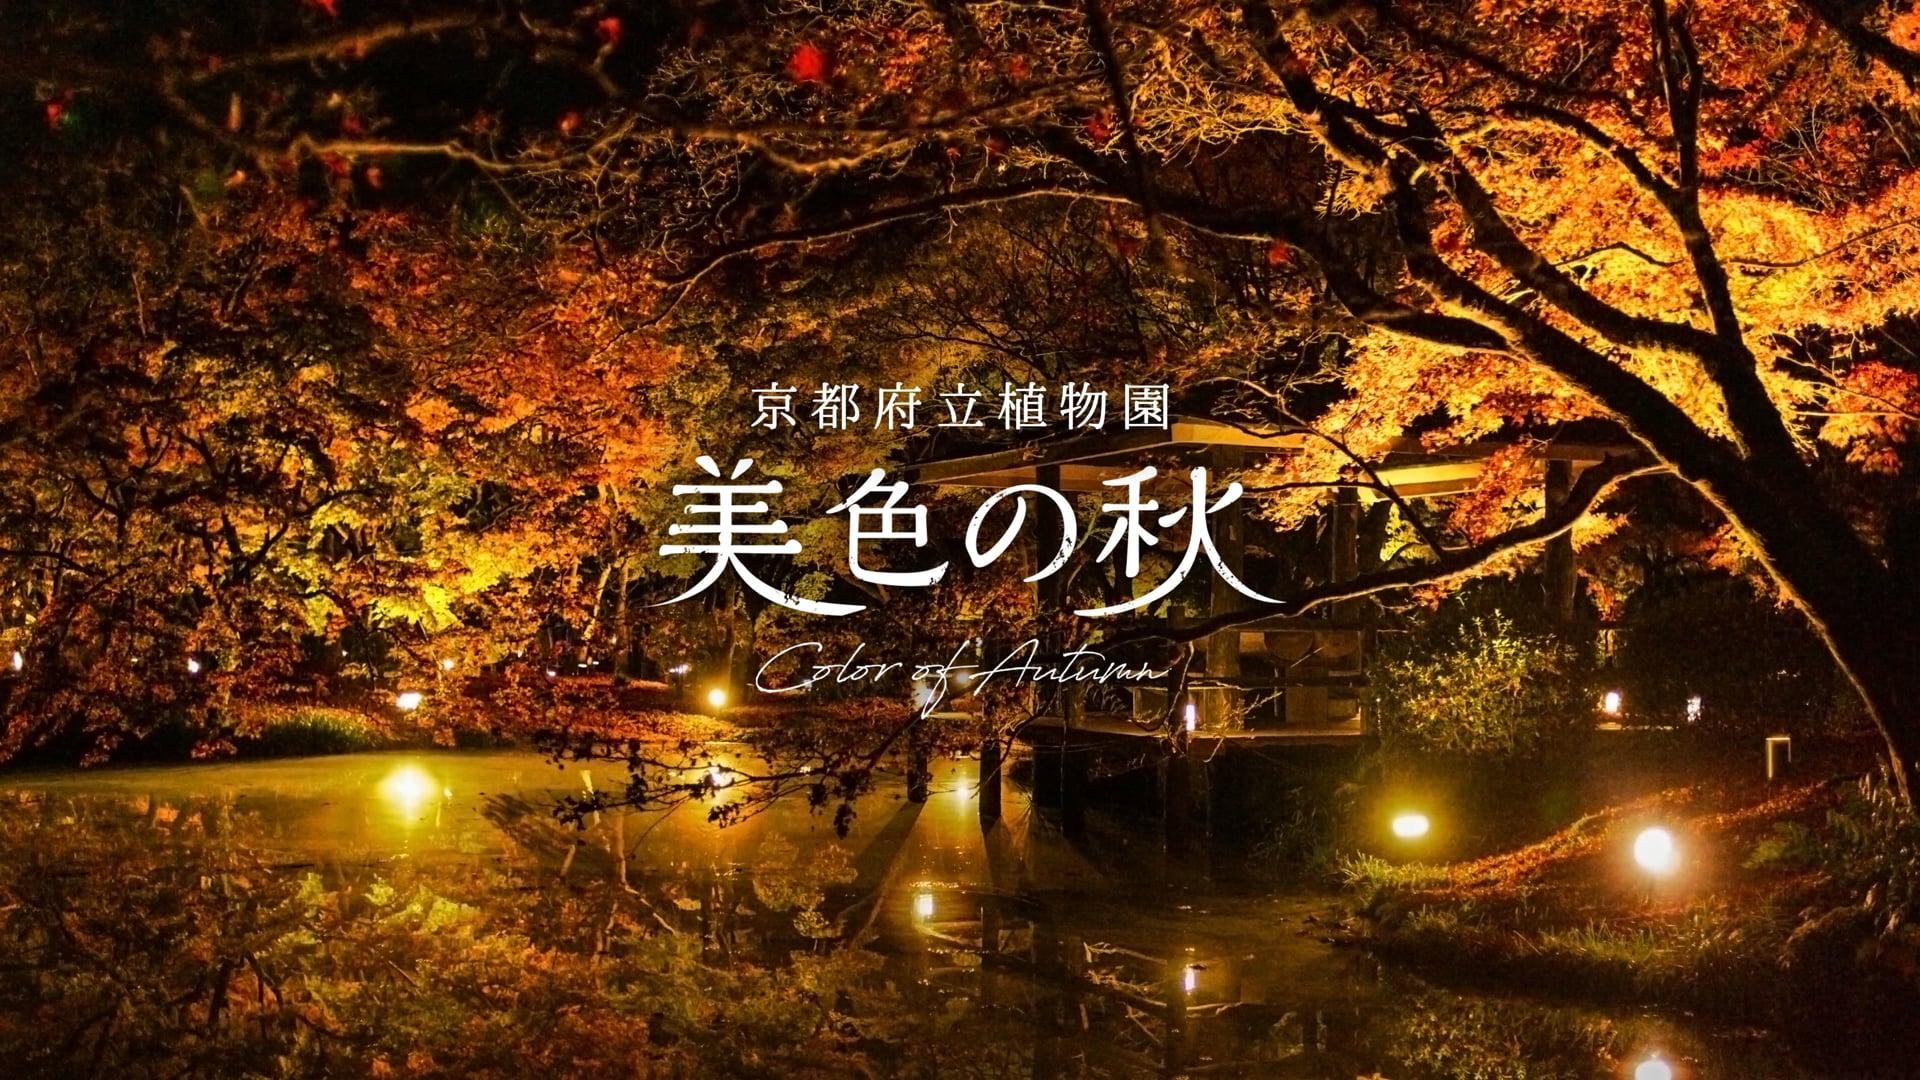 京都植物園8K予告